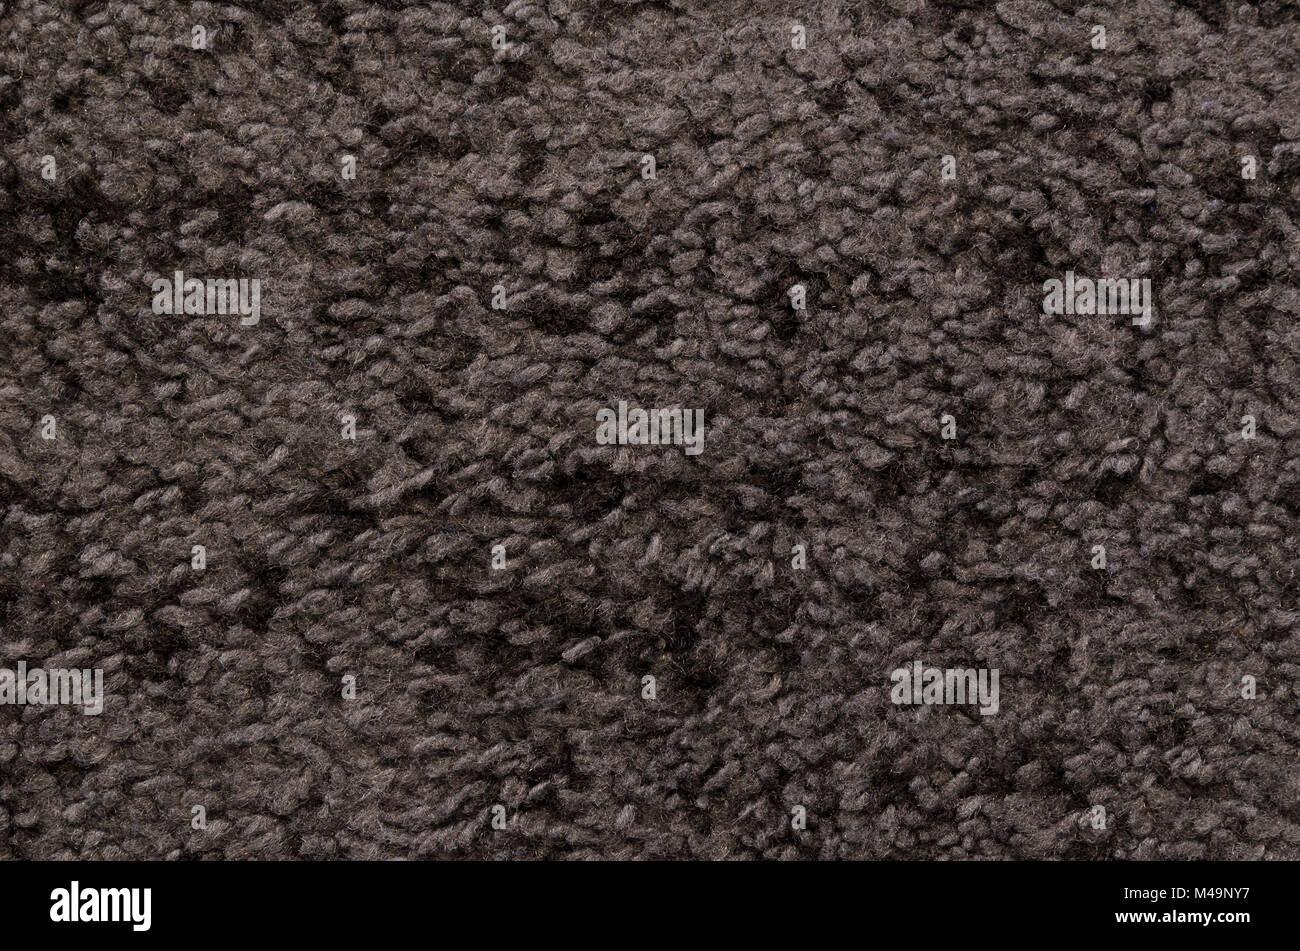 Grauer Teppich Muster Textur Teppich Textur Stoff Wolle Fussmatte